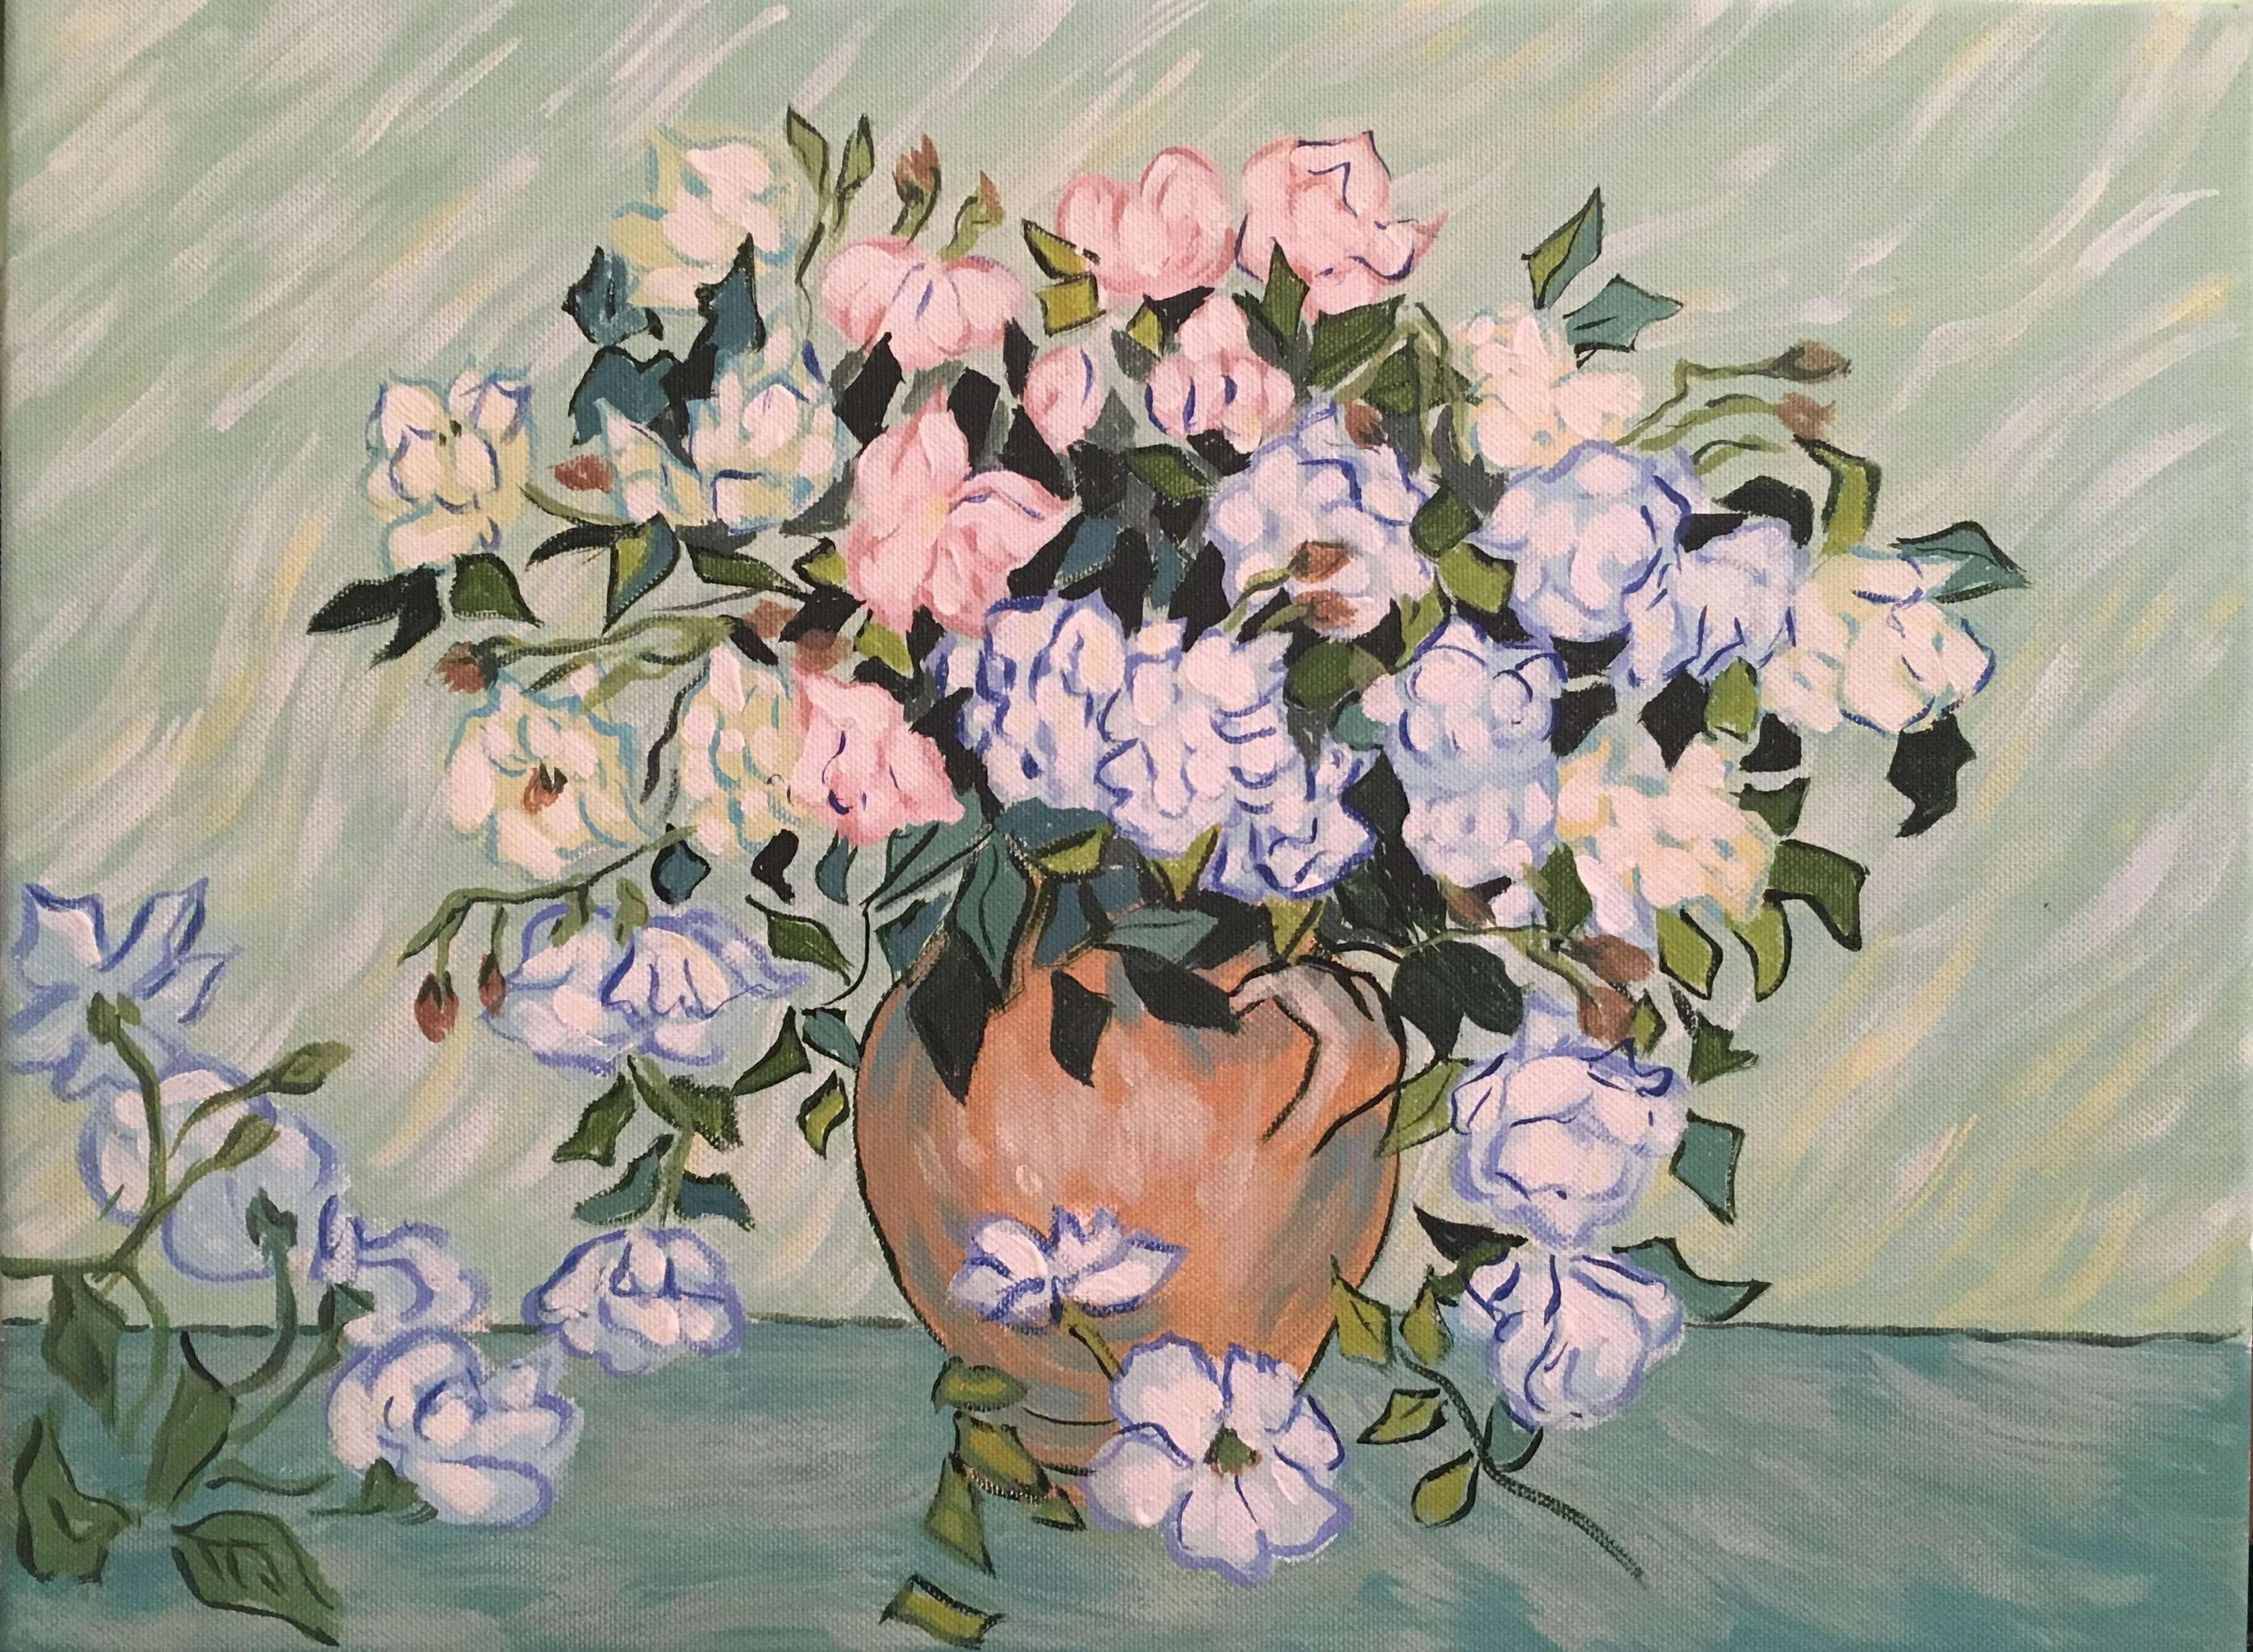 """Вино, забавление и рисуване с акрил  """"Ваза с розови рози """" Винсент ван Гог 25.03.2021 г."""